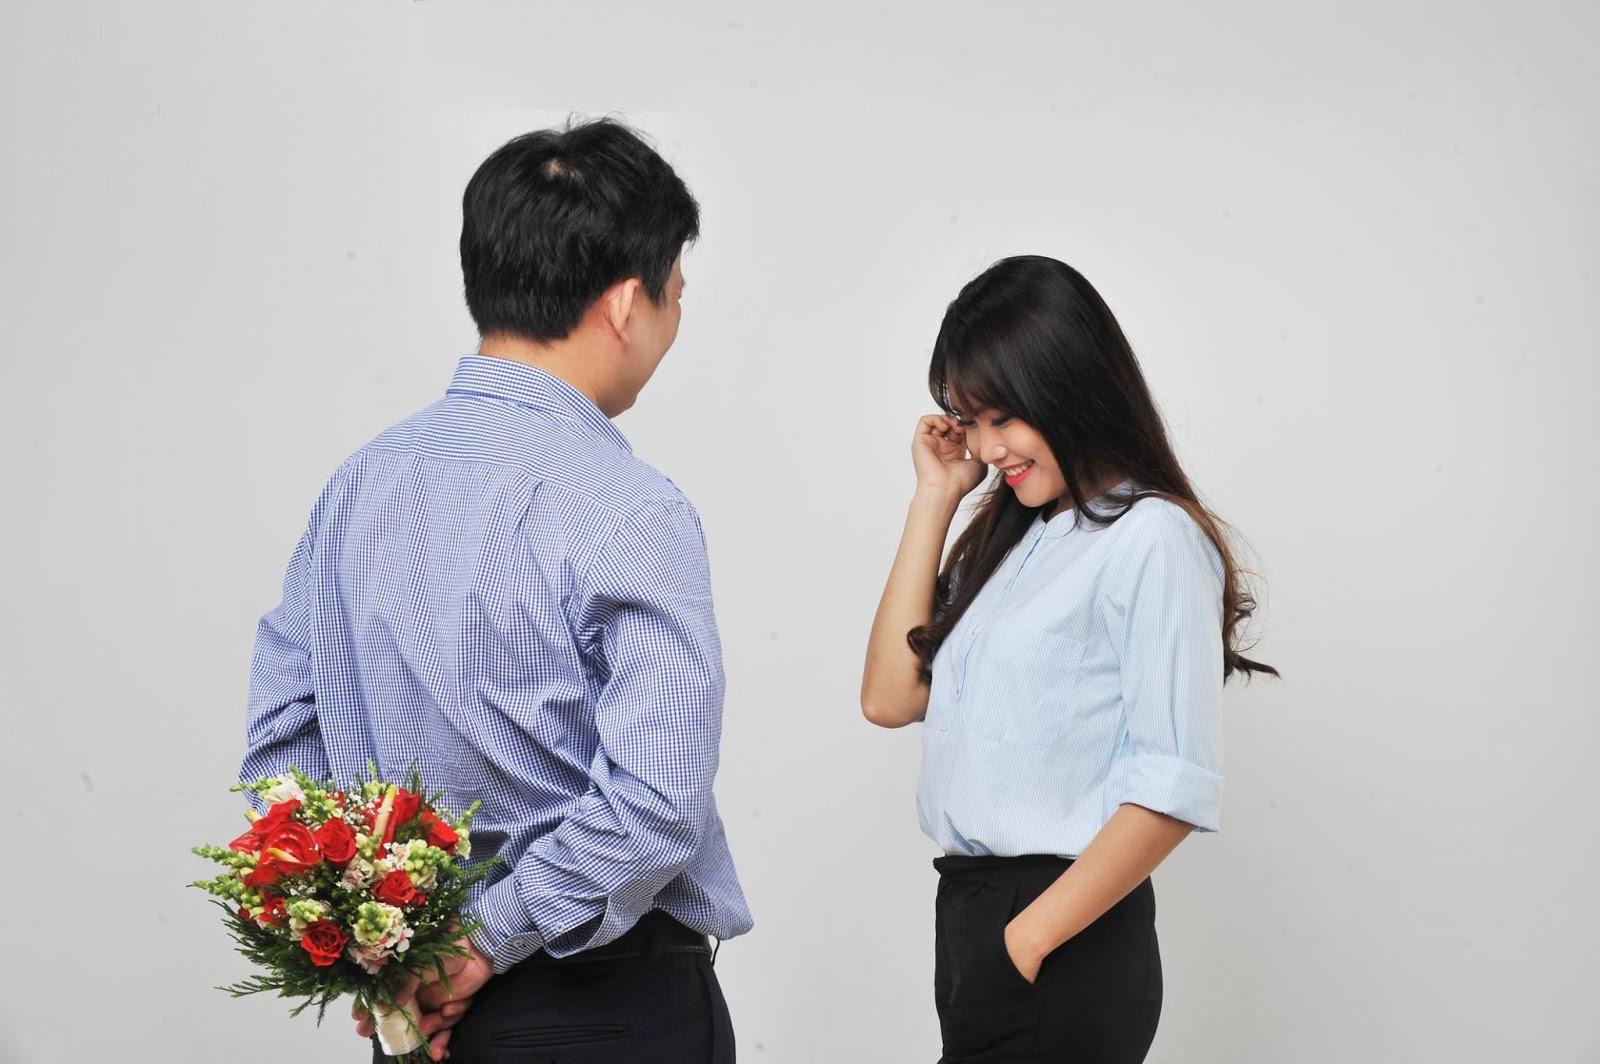 """3 Lưu ý """"Không nên"""" khi tặng quà bạn gái mới quen"""